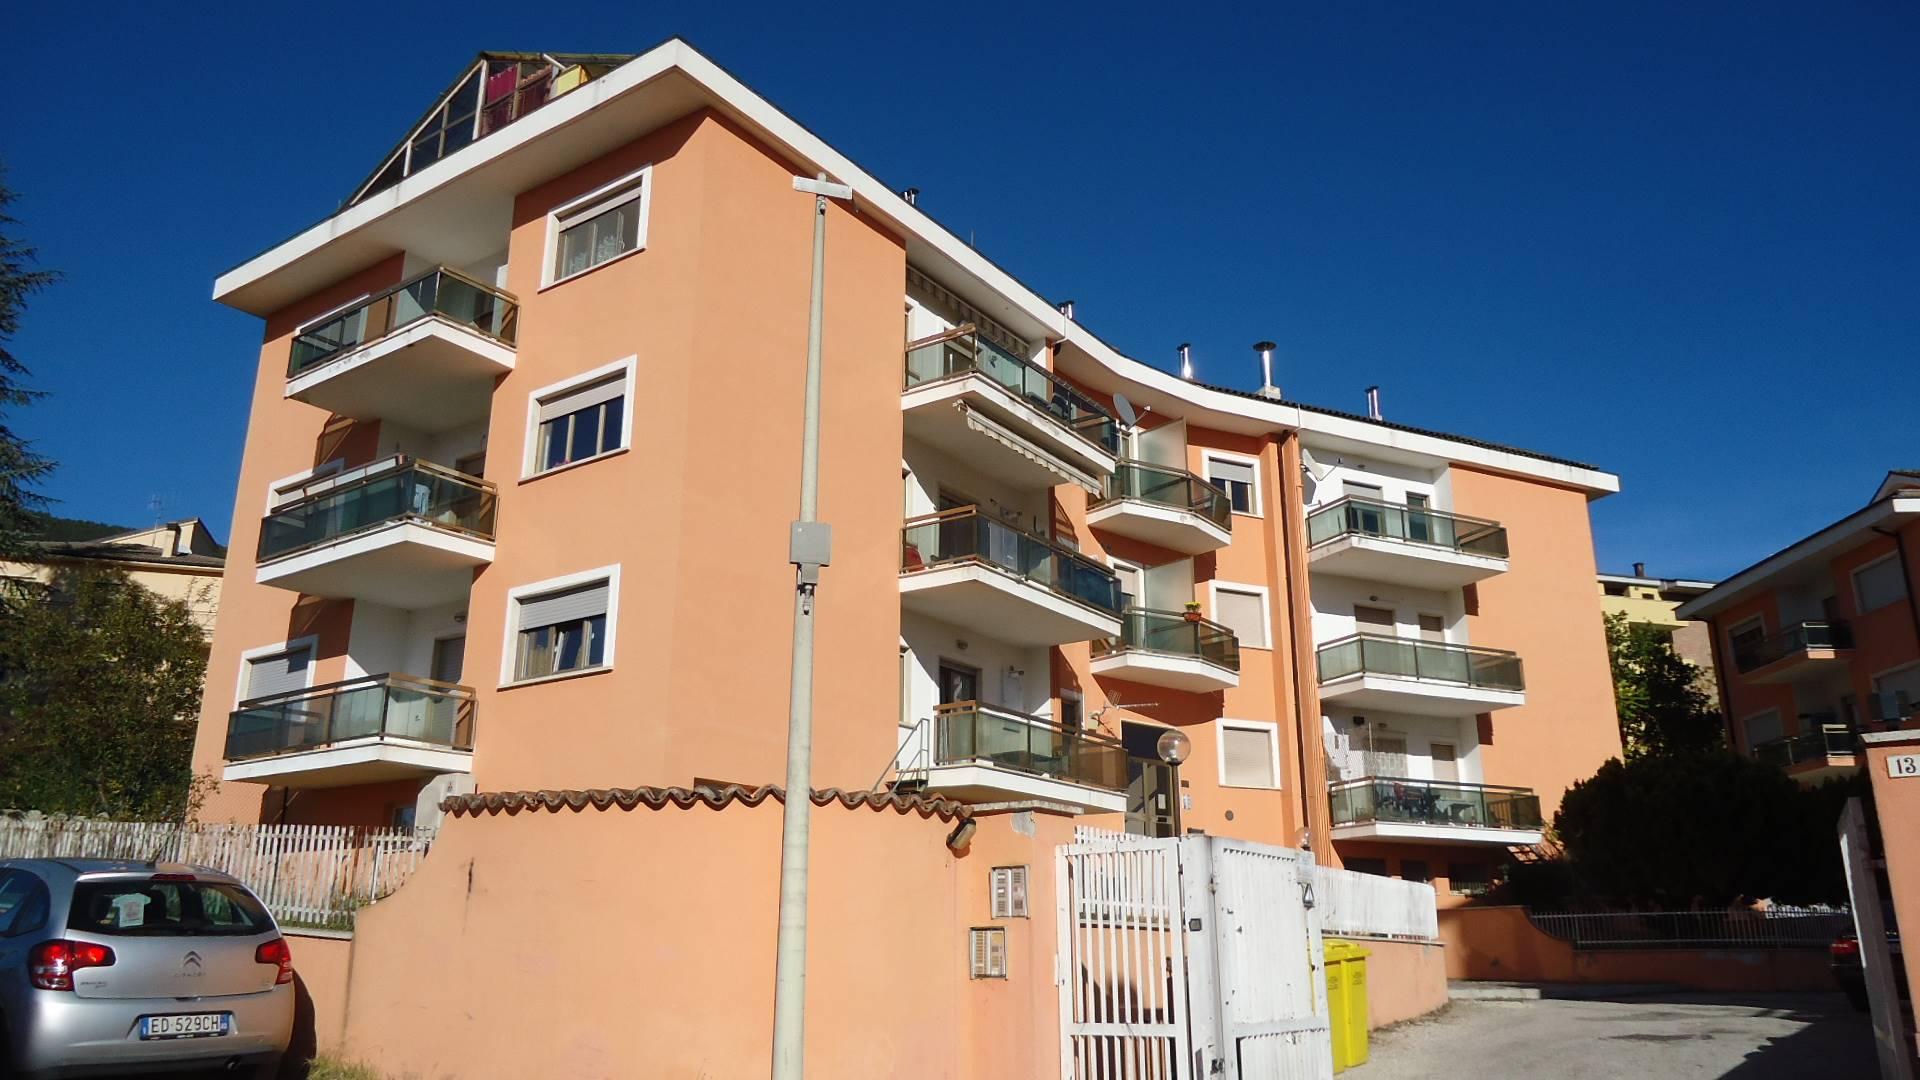 Appartamento in affitto a L'Aquila, 4 locali, zona Zona: Pettino, prezzo € 500 | CambioCasa.it